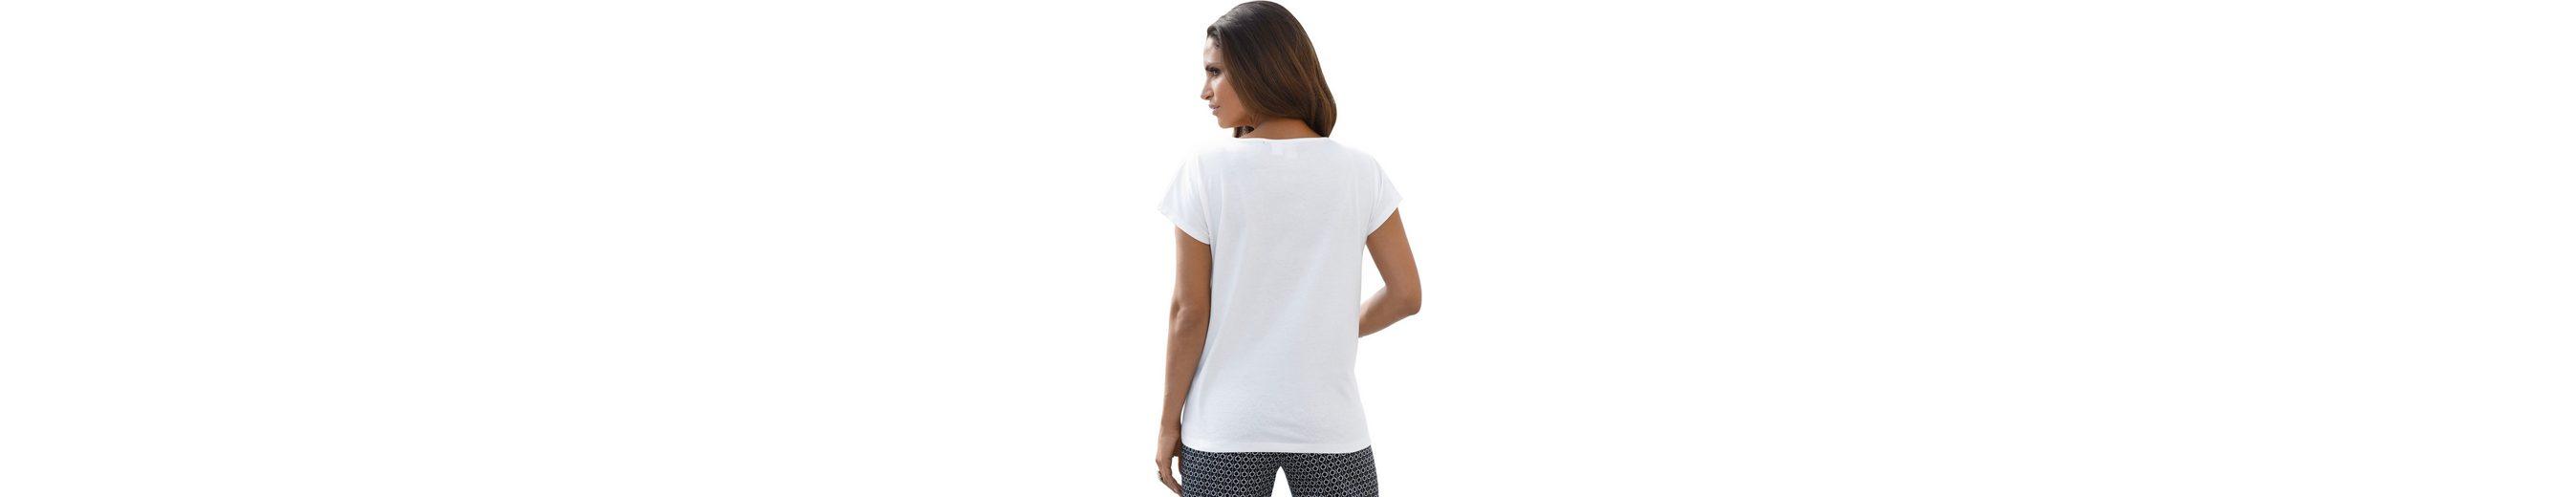 Shirt mit 2-farbiger Stickerei Aus Deutschland Günstig Online CXVaKWx0H